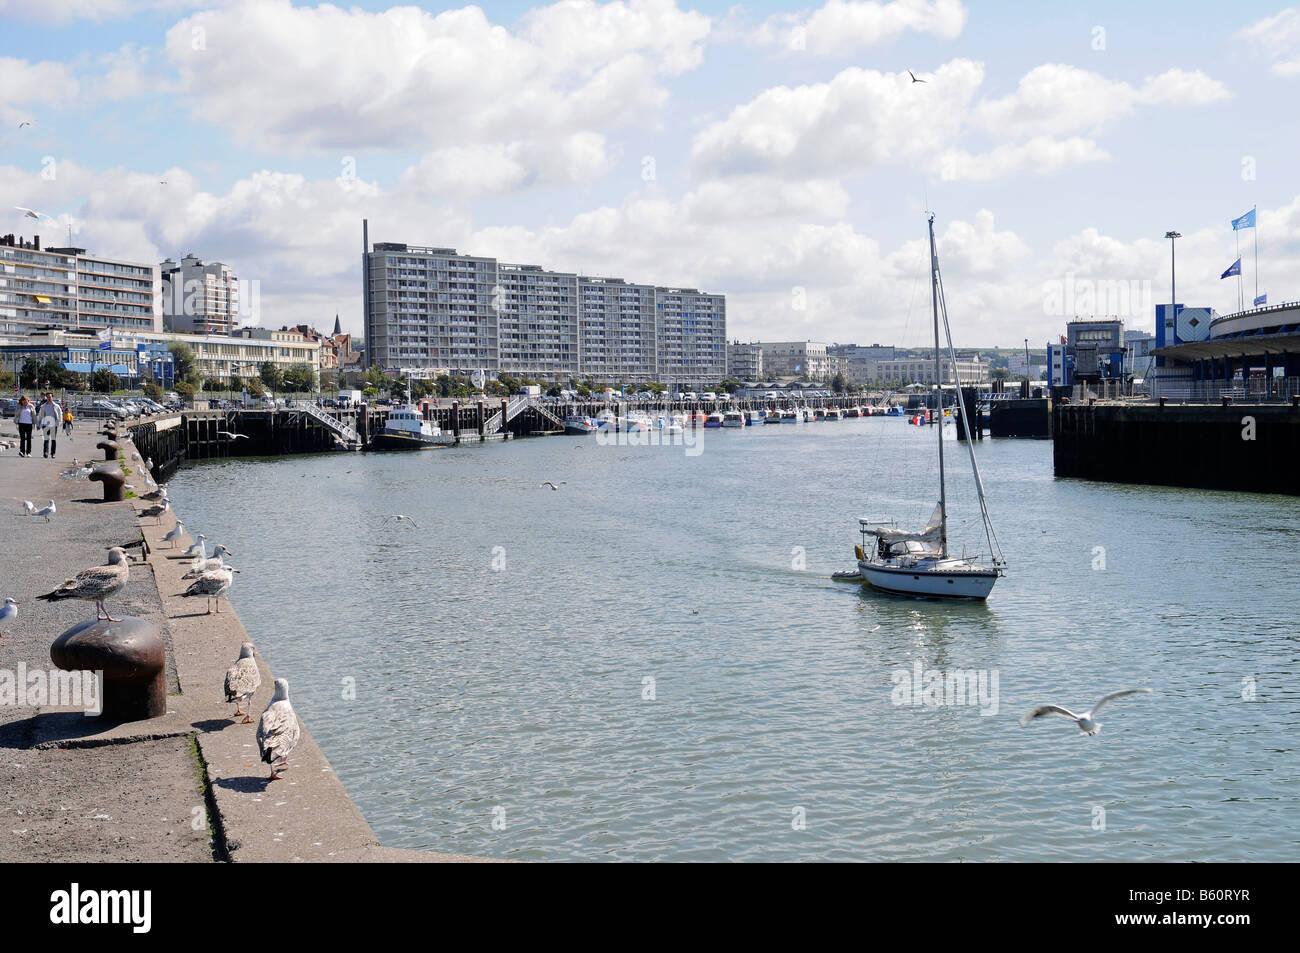 Seagulls, shore promenade, yacht, harbour, Boulogne sur Mer, Nord Pas de Calais, France, Europe - Stock Image